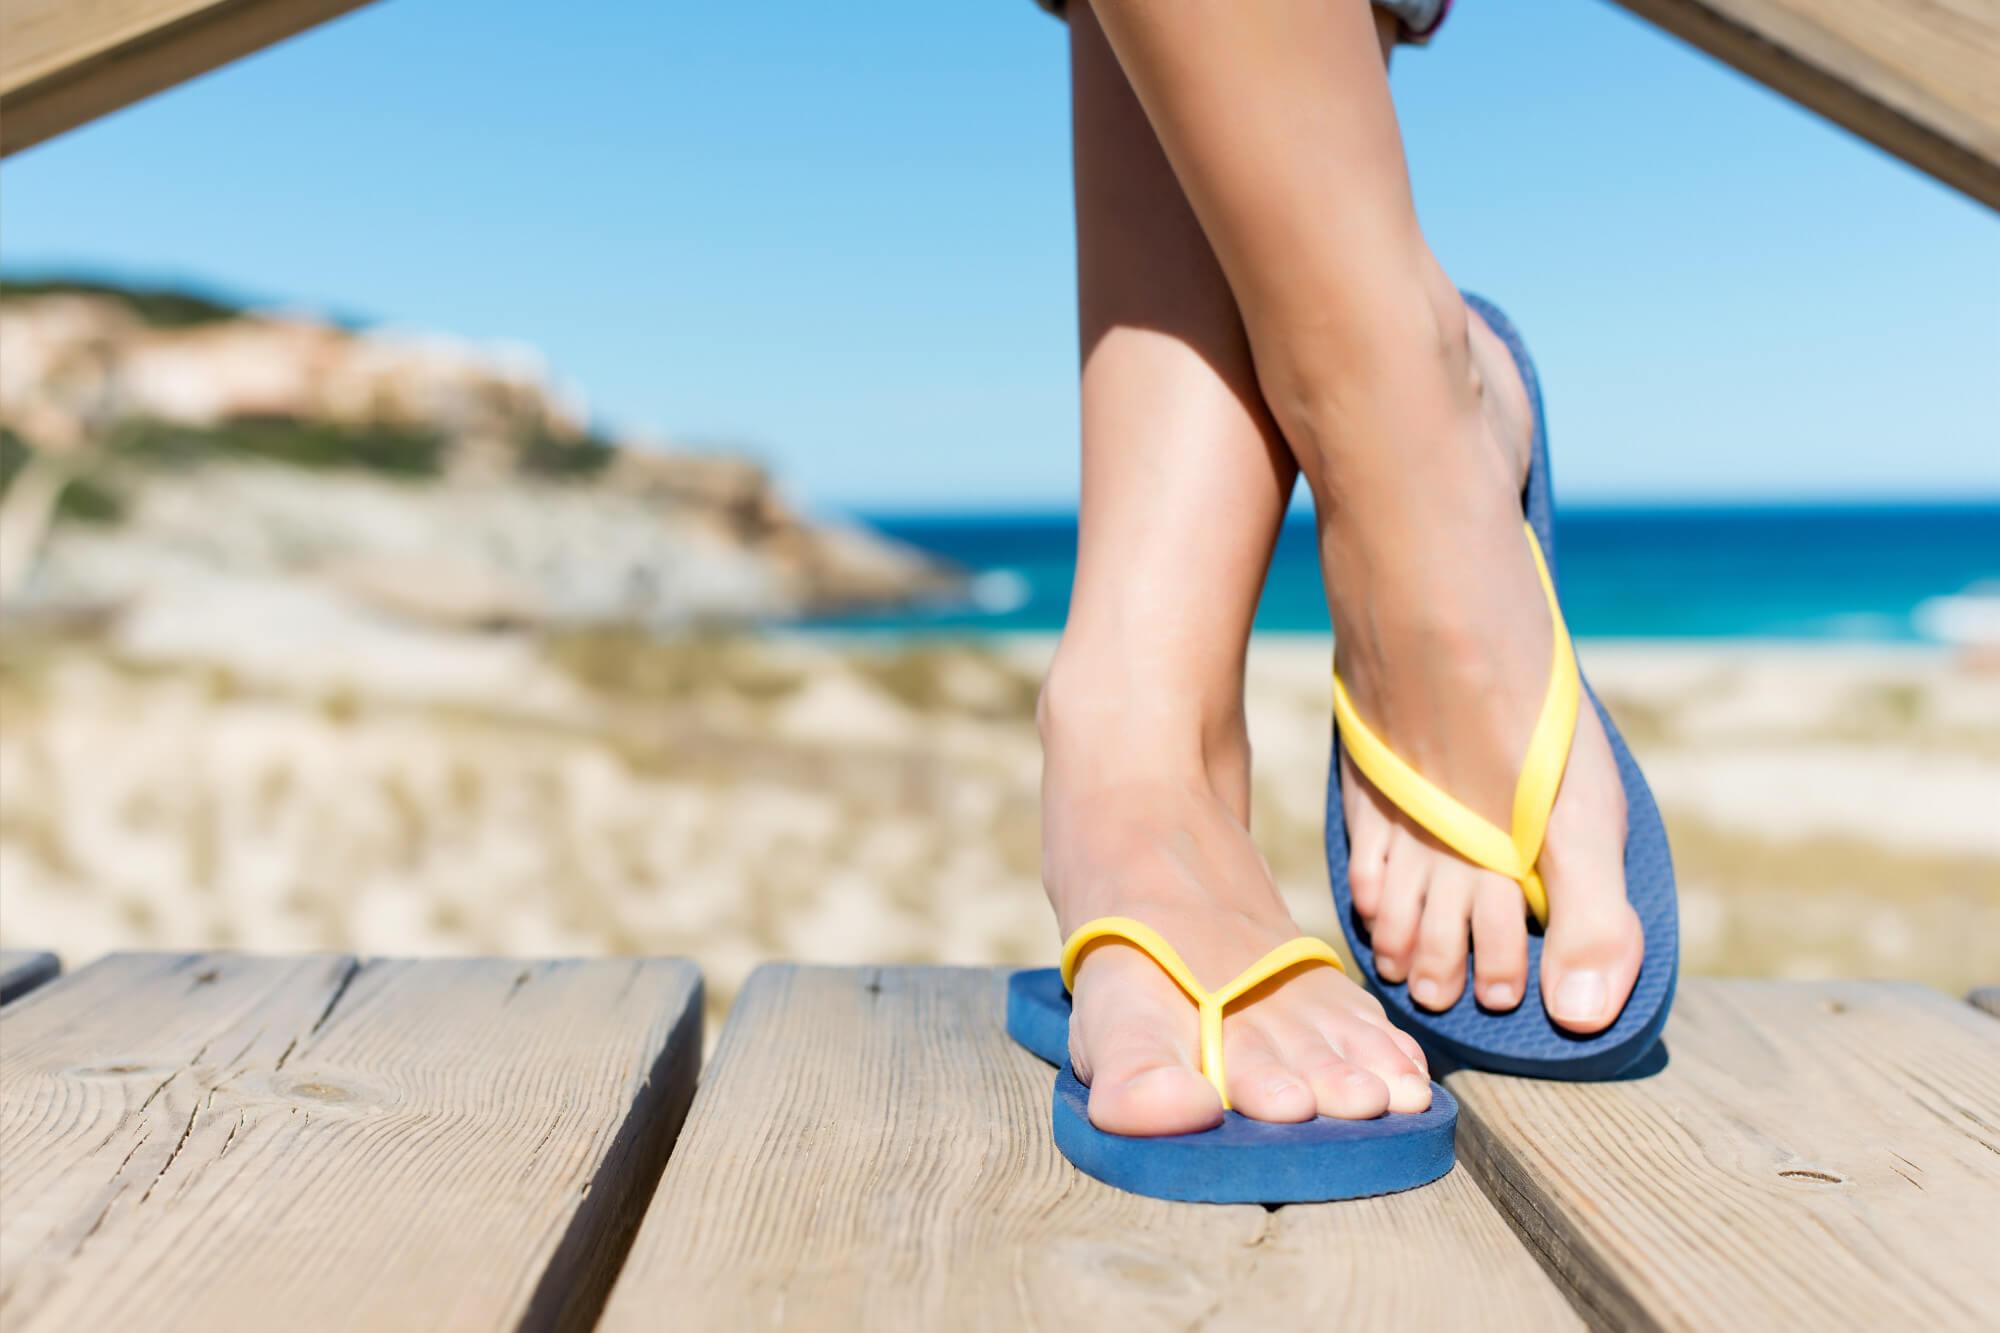 flip-flops-bad-for-feet